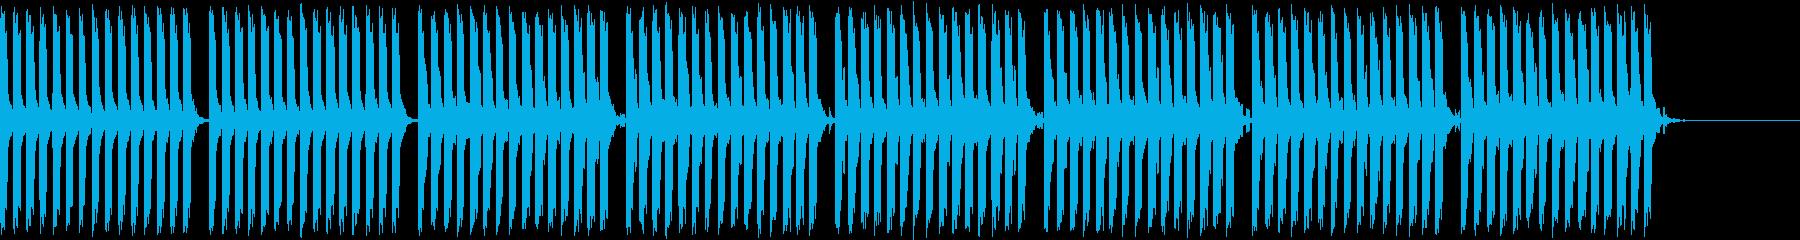 ポップ/キャッチー/ピアニカ/キッチュ系の再生済みの波形